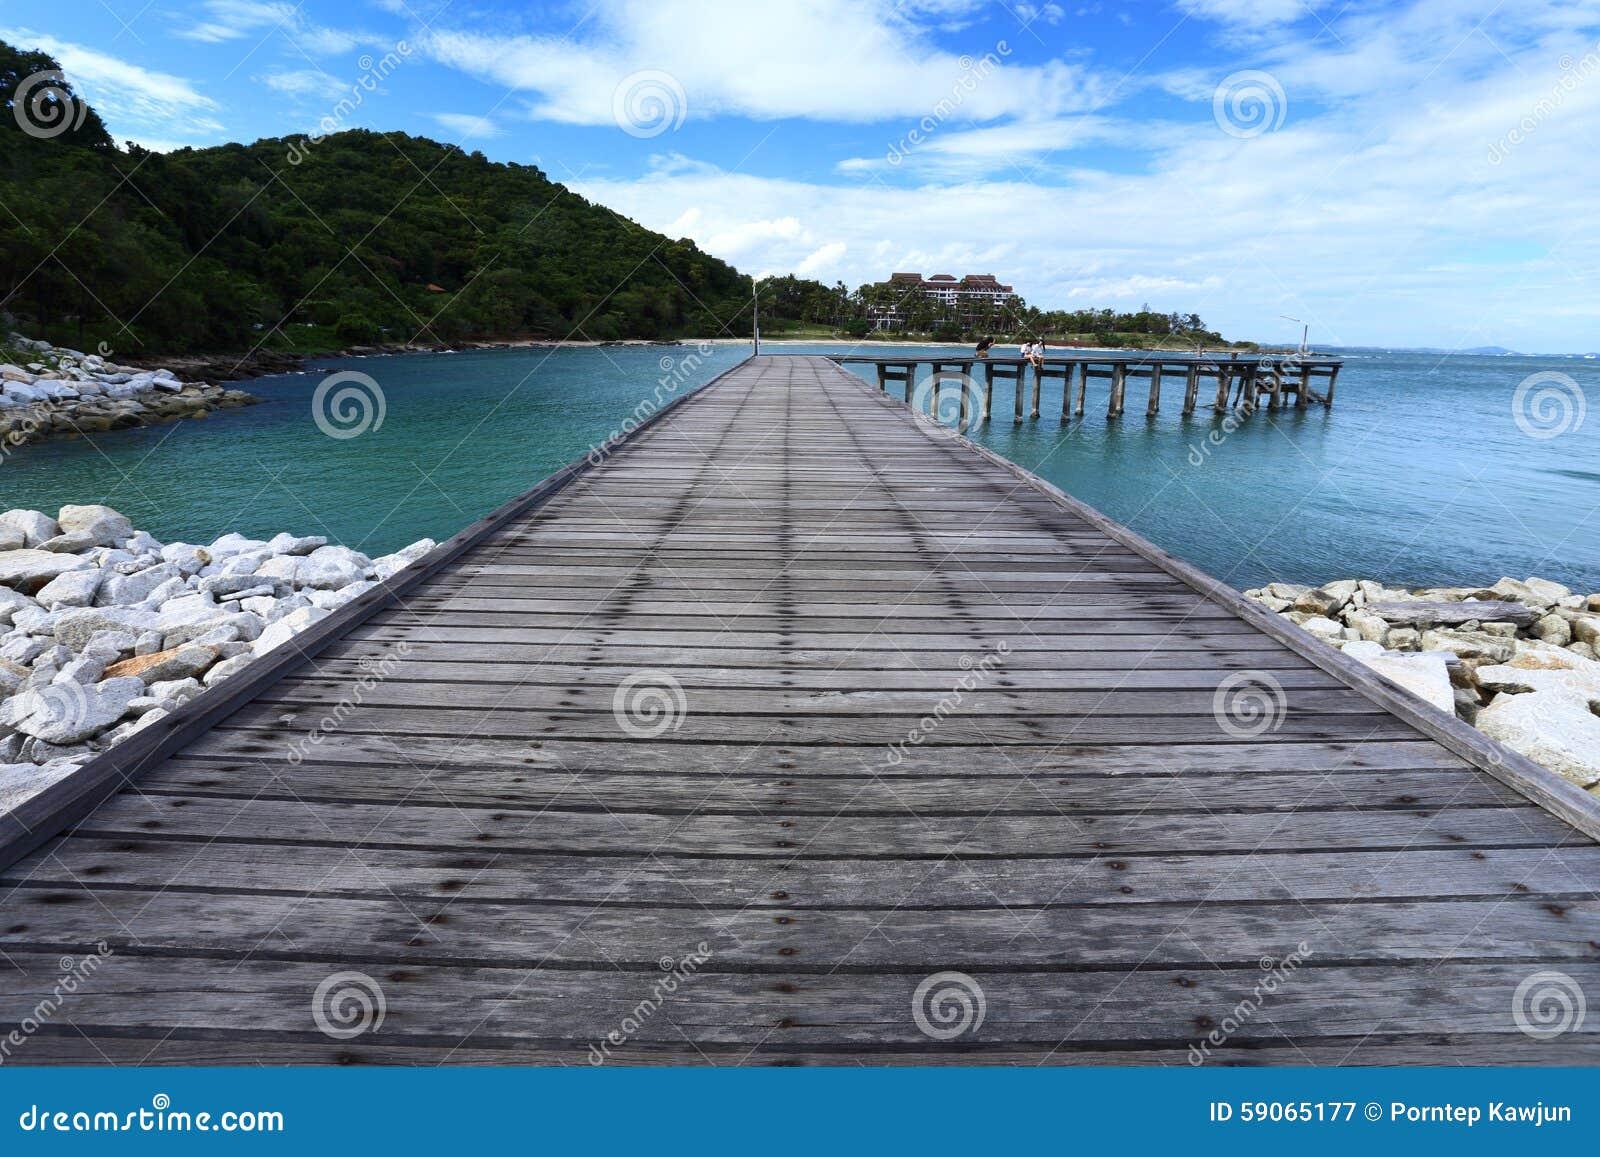 ponte in legno hms - photo #36